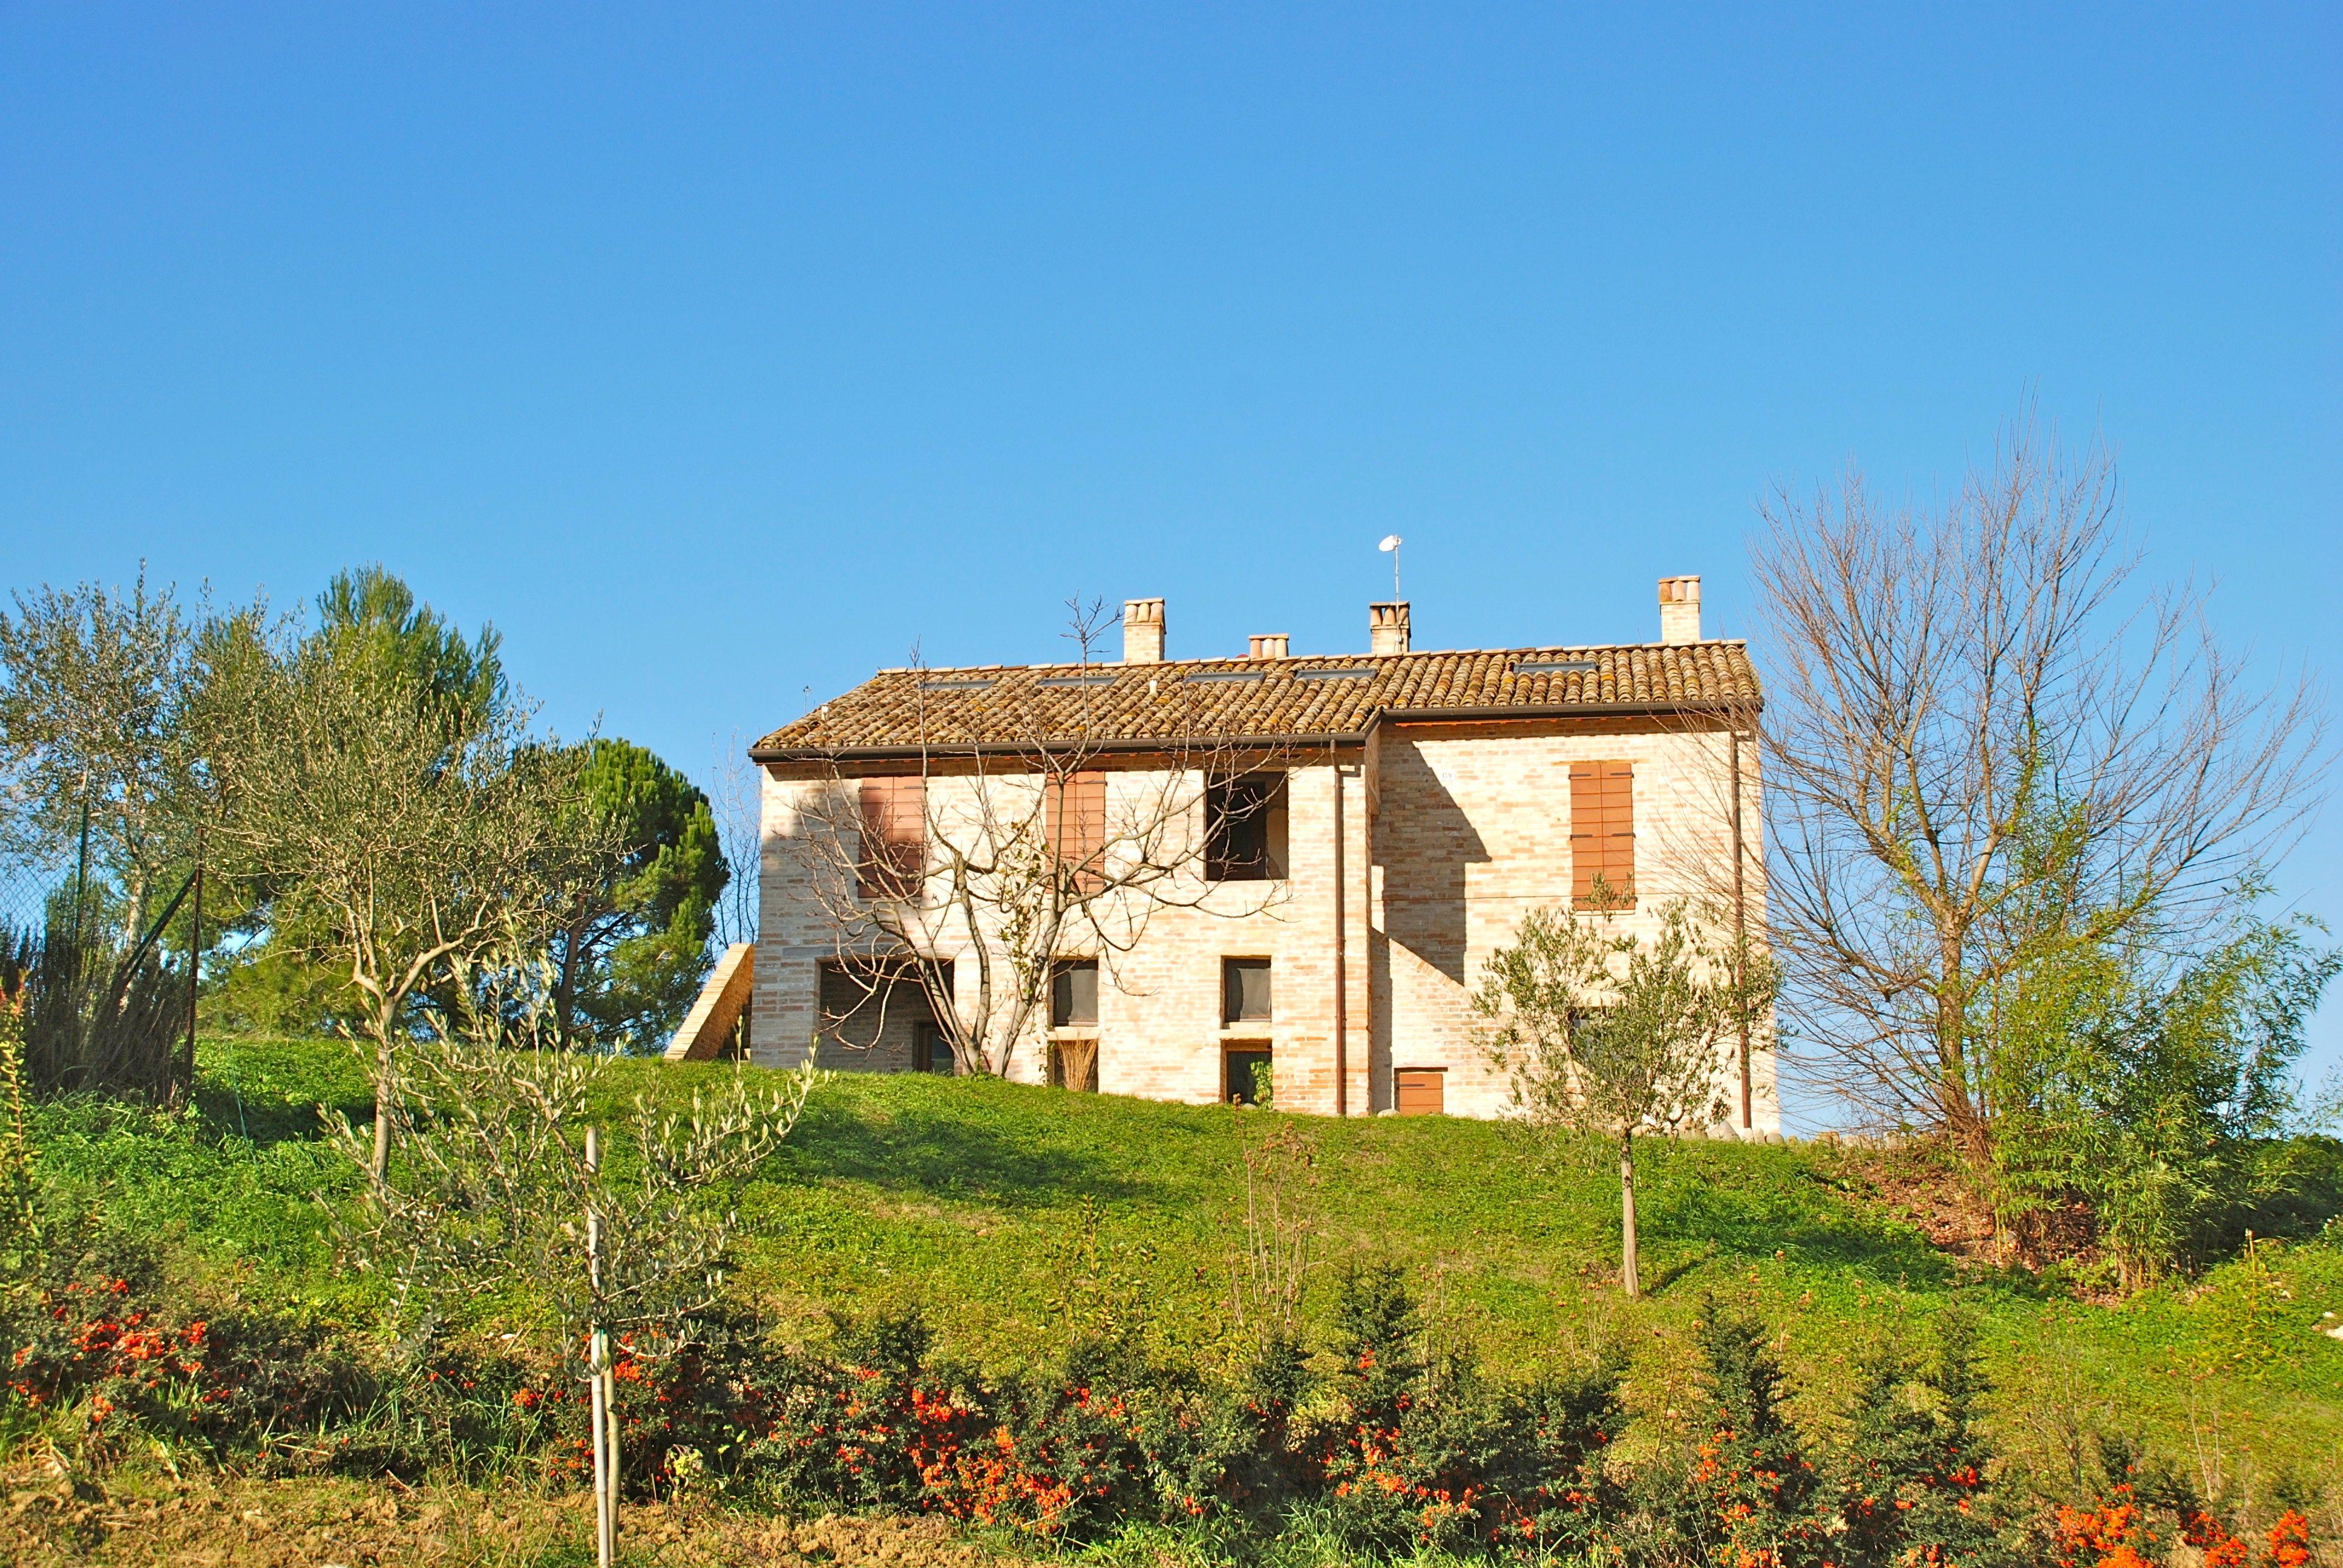 Ferienwohnung Il Casale di Giovanna - Lavender (2124914), San Venanzo, Ascoli Piceno, Marken, Italien, Bild 7